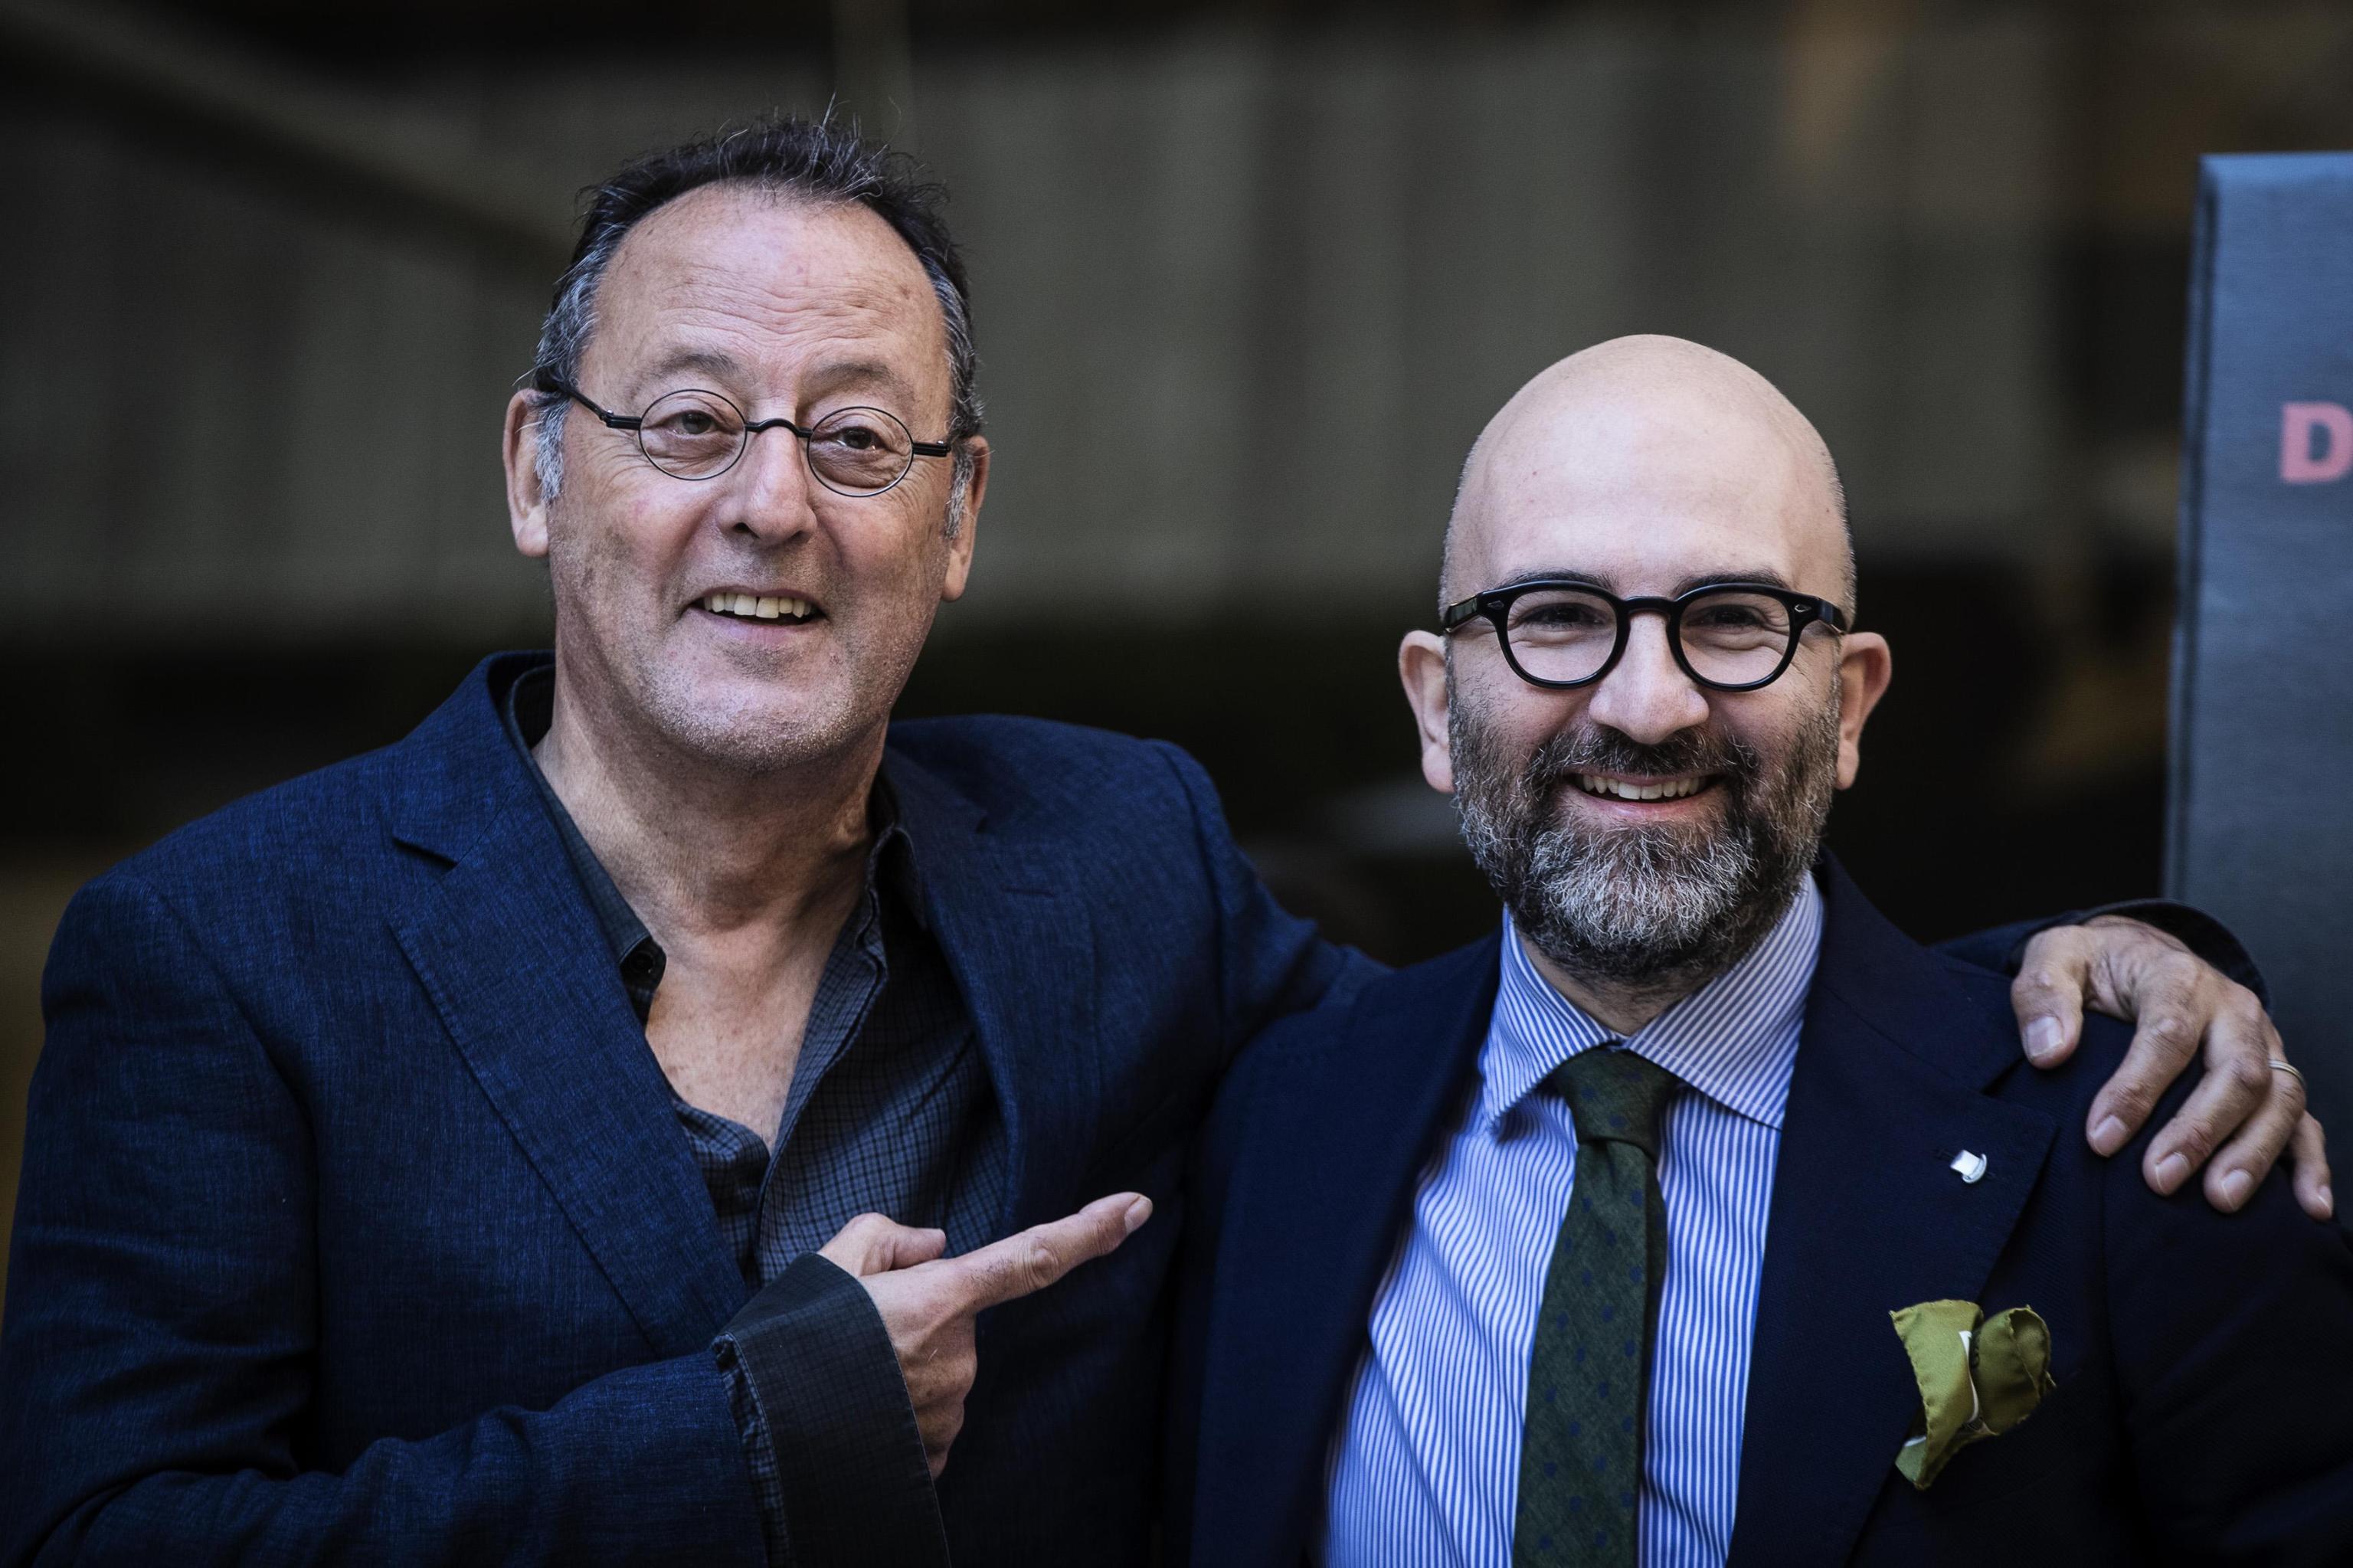 'La ragazza nella nebbia', Donato Carrisi debutta al cinema: il thriller con Toni Servillo e Jean Reno